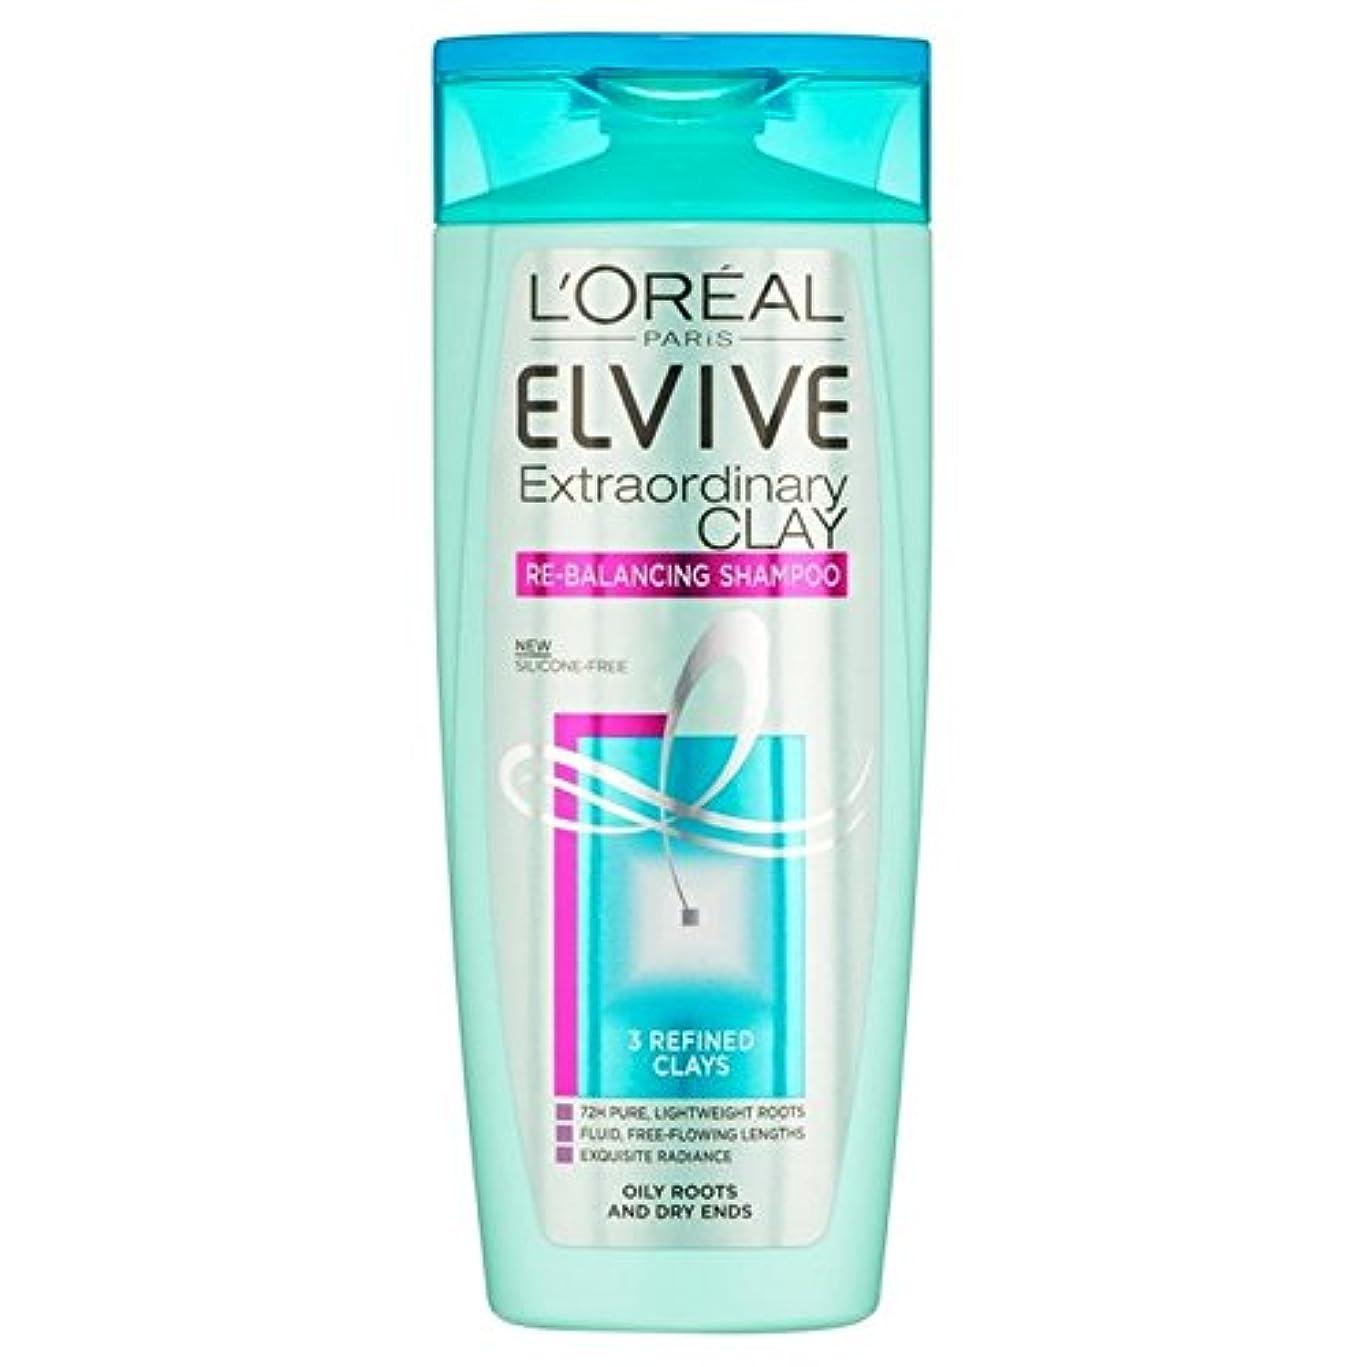 ダイバー窓を洗う意気消沈したロレアルパリ臨時粘土再バランシングシャンプー250 x4 - L'Oreal Paris Elvive Extraordinary Clay Re-Balancing Shampoo 250ml (Pack of 4) [並行輸入品]